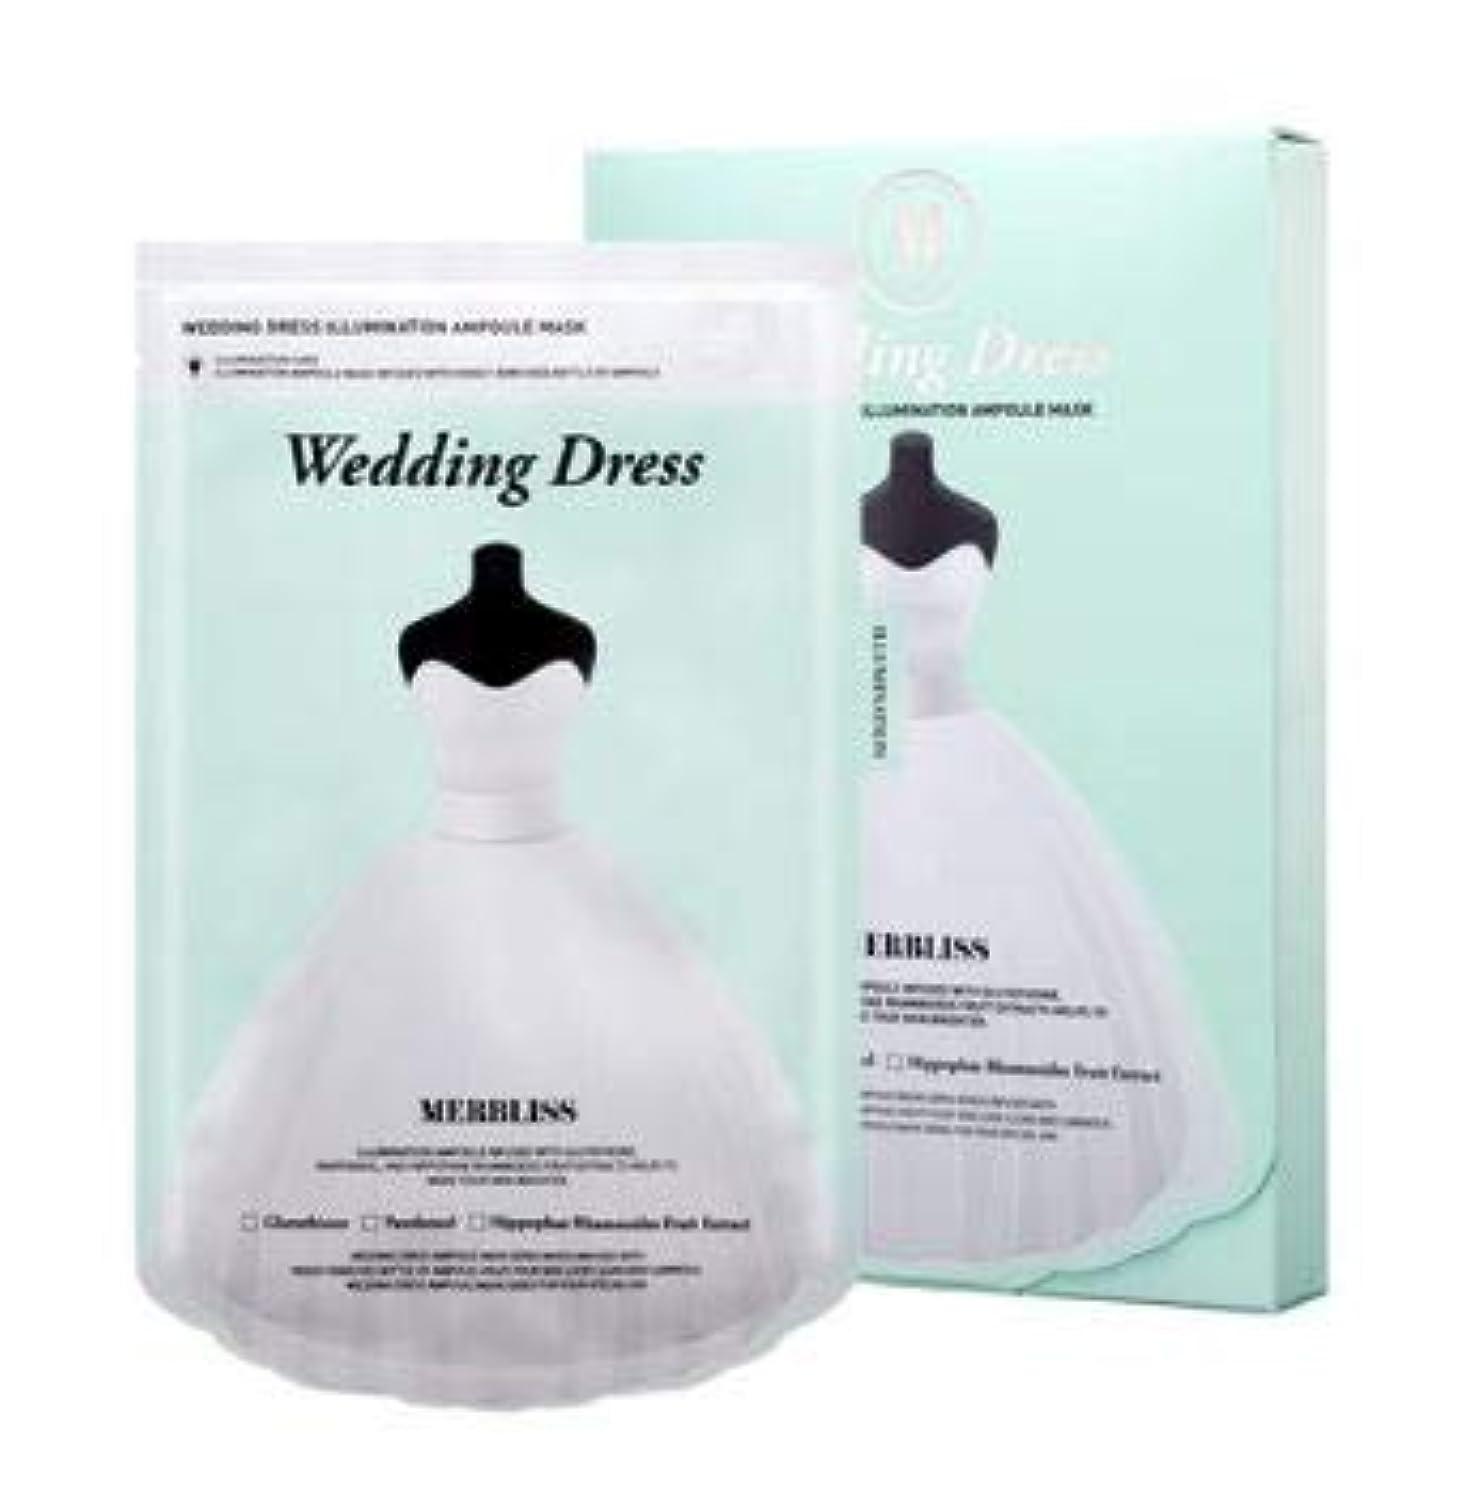 払い戻しレキシコン眠っている[Merbliss] Wedding Dress Illumination Ampoule Mask 25gx5ea /ウェディングドレスイルミネーションアンプルマスク25gx5枚 [並行輸入品]